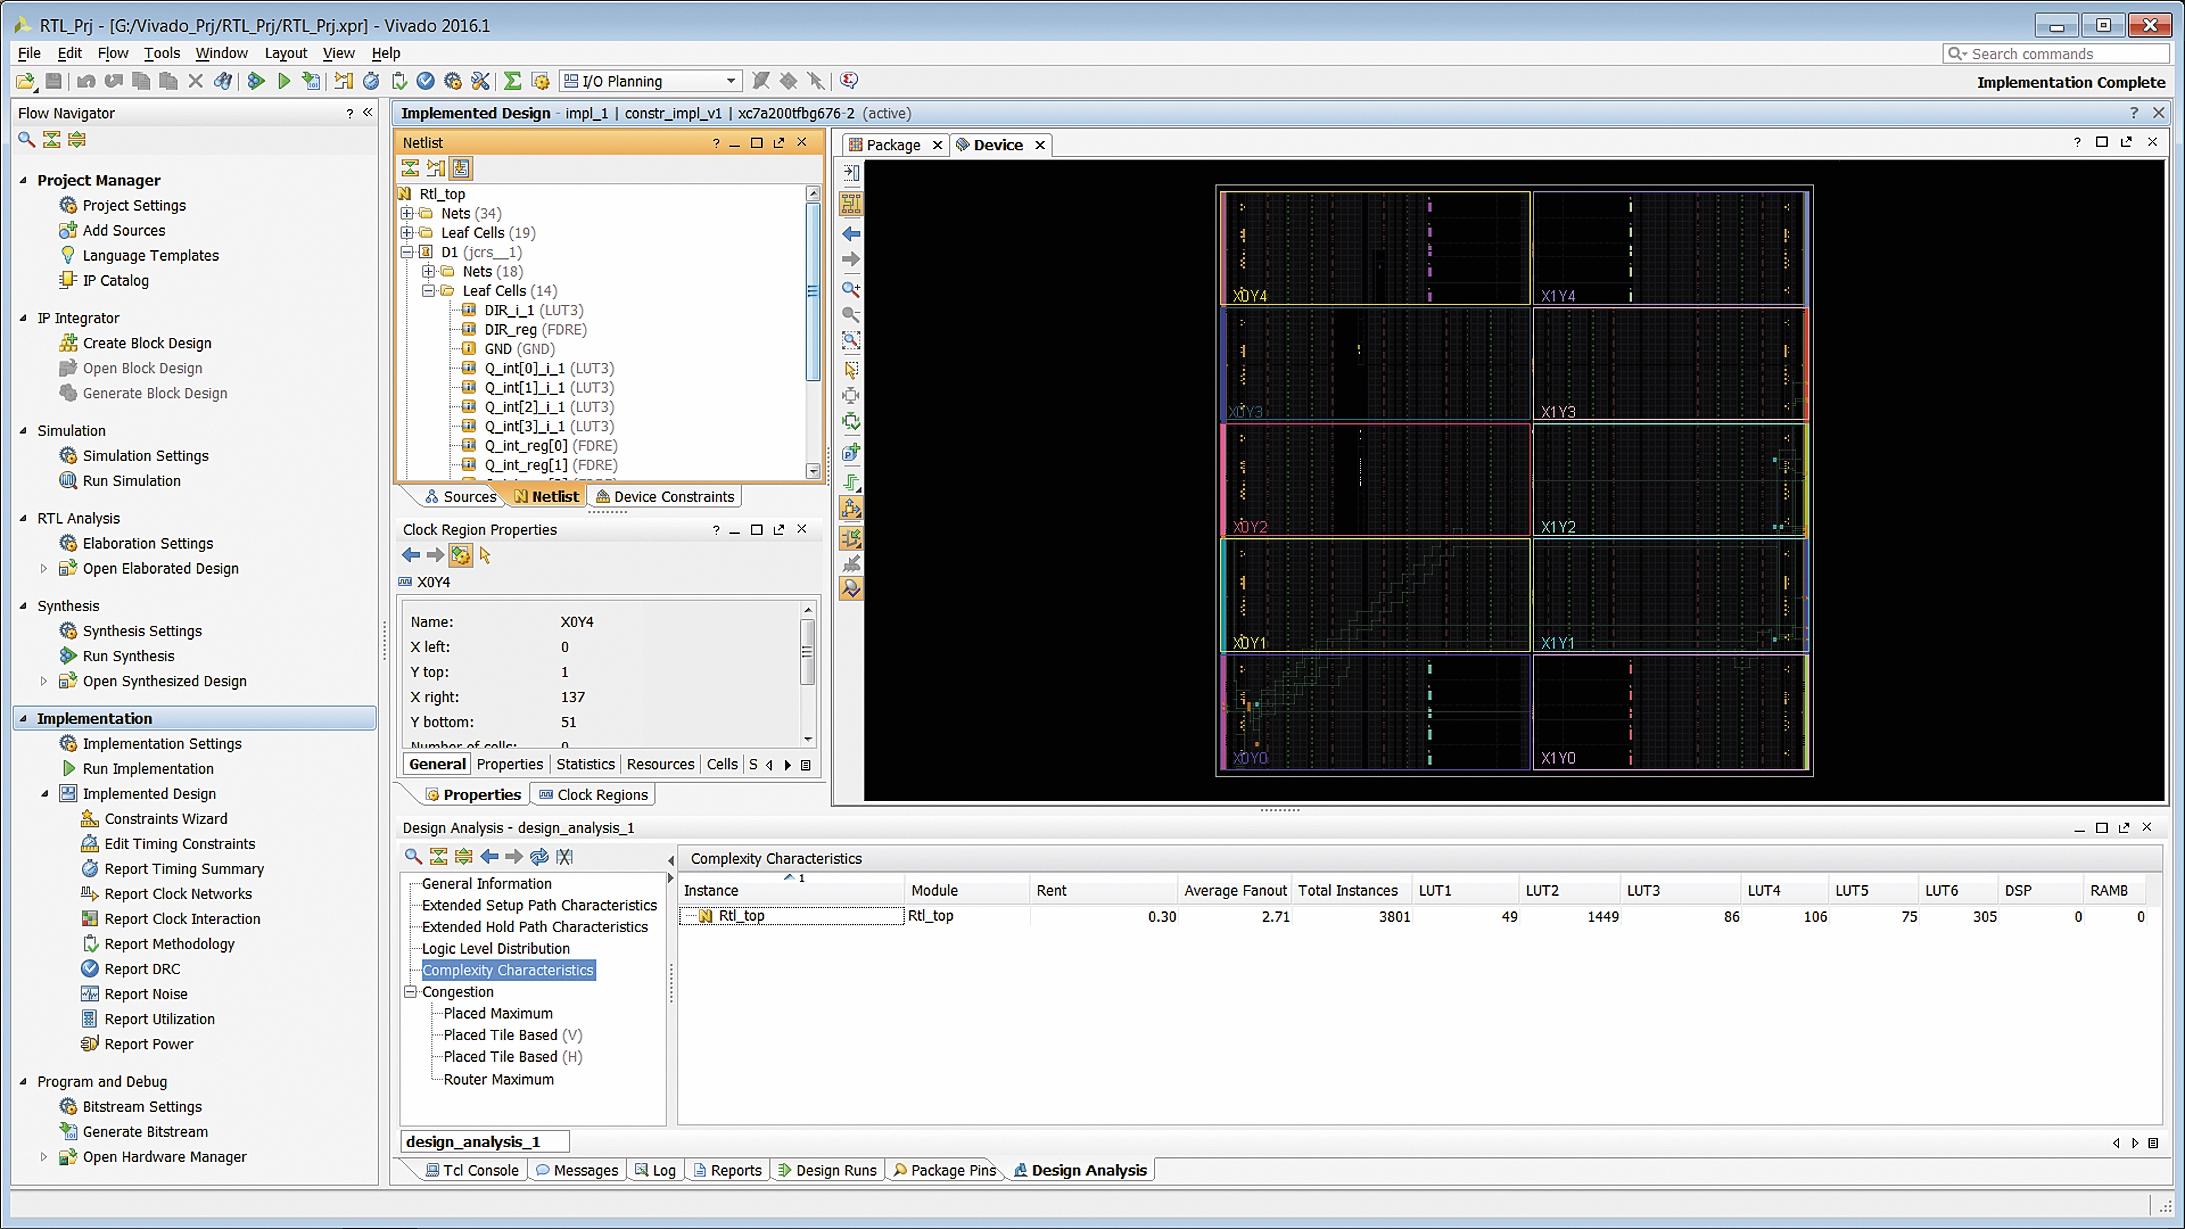 Отображение информации об уровне сложности проекта, реализованного в ПЛИС или программируемой системе на кристалле